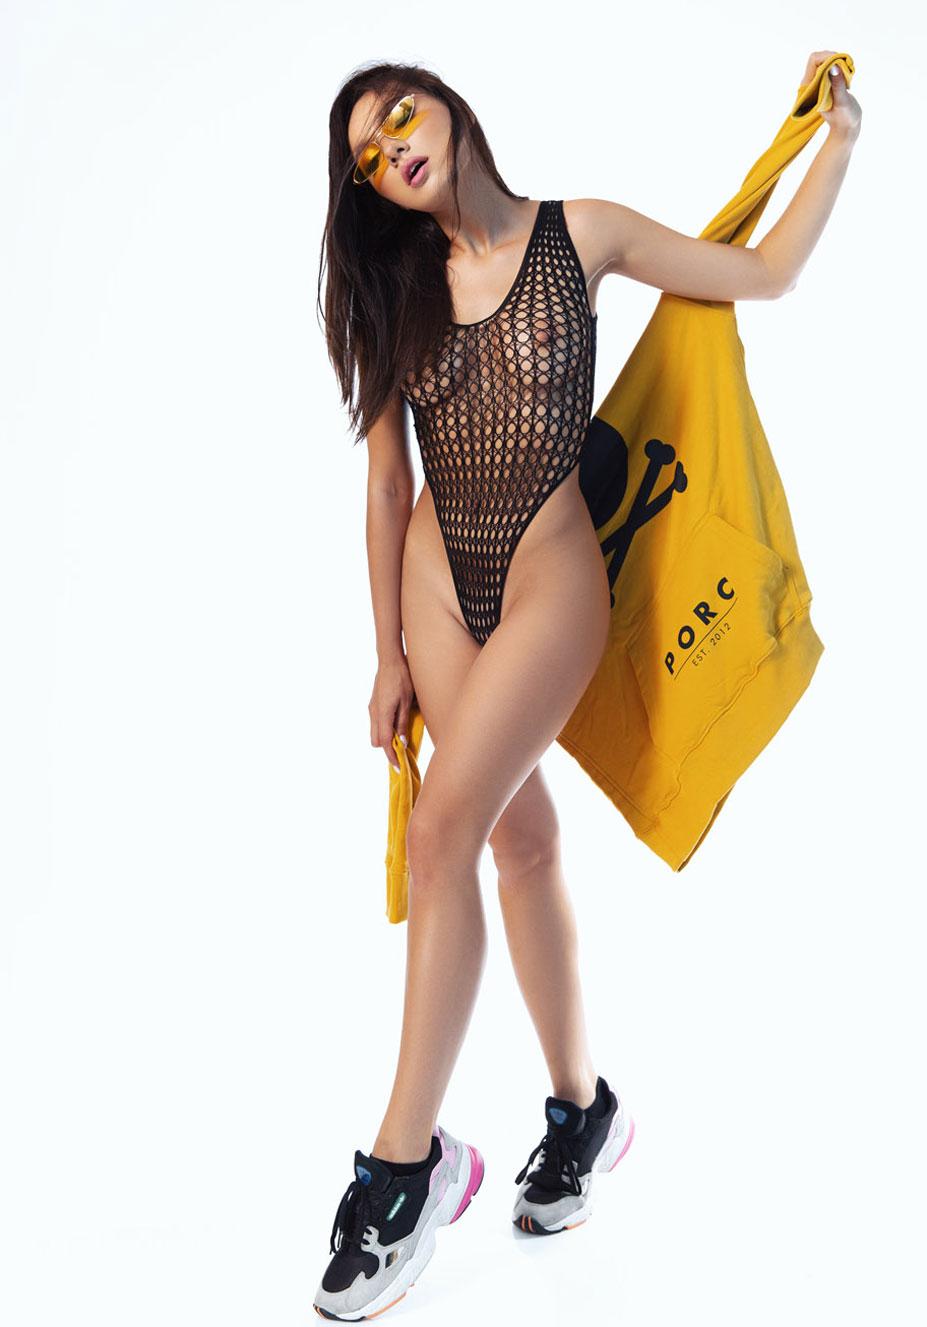 сексуальная Ана Томоану раздевается догола для занятий спортом / фото 06